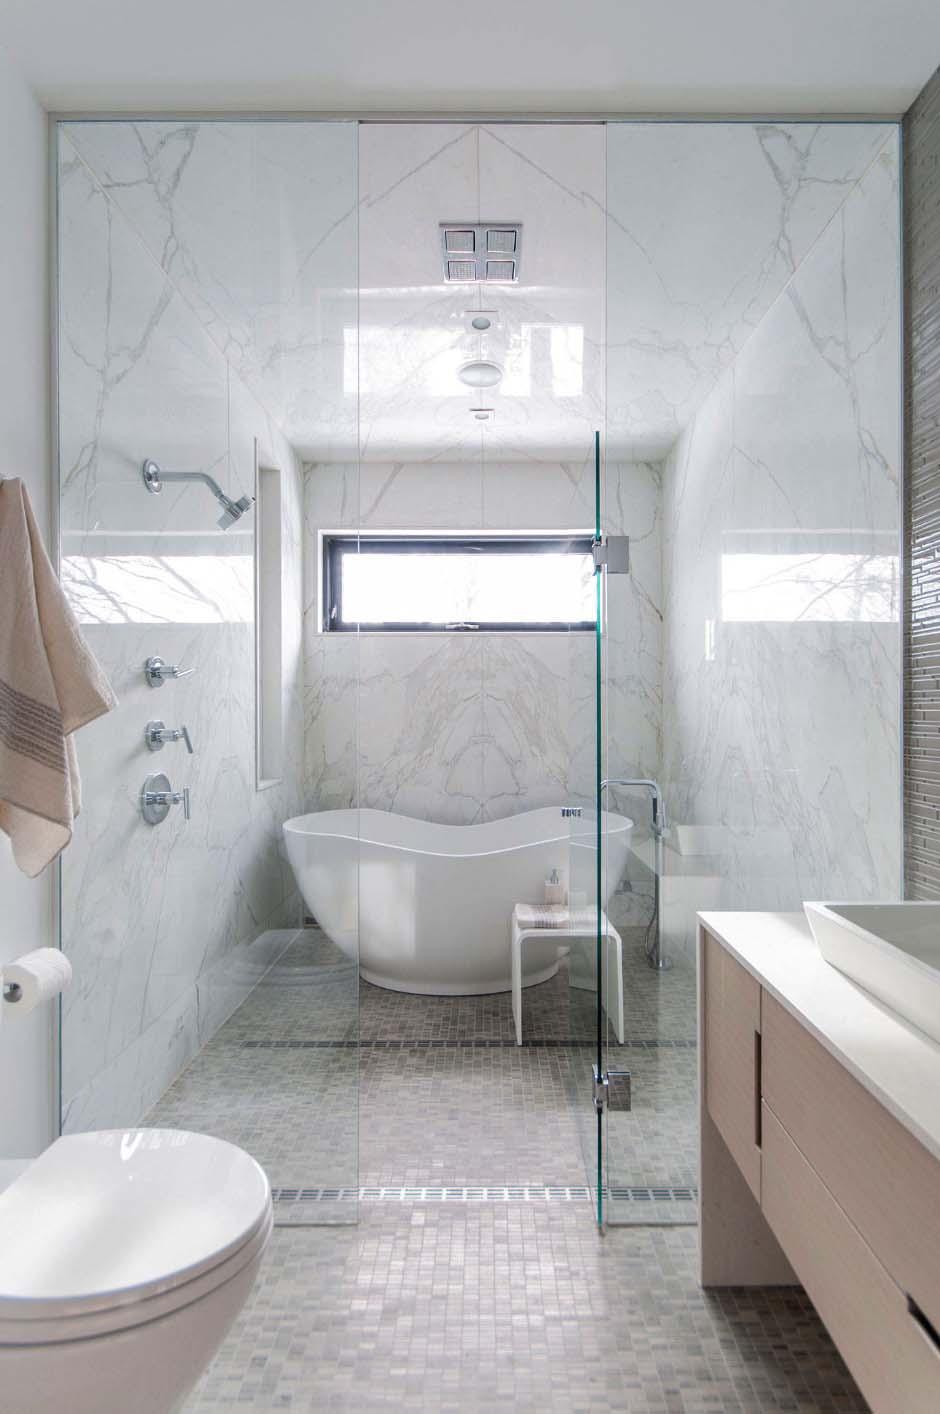 Freestanding-Tubs-Bathroom-Ideas-35-1 Kindesign